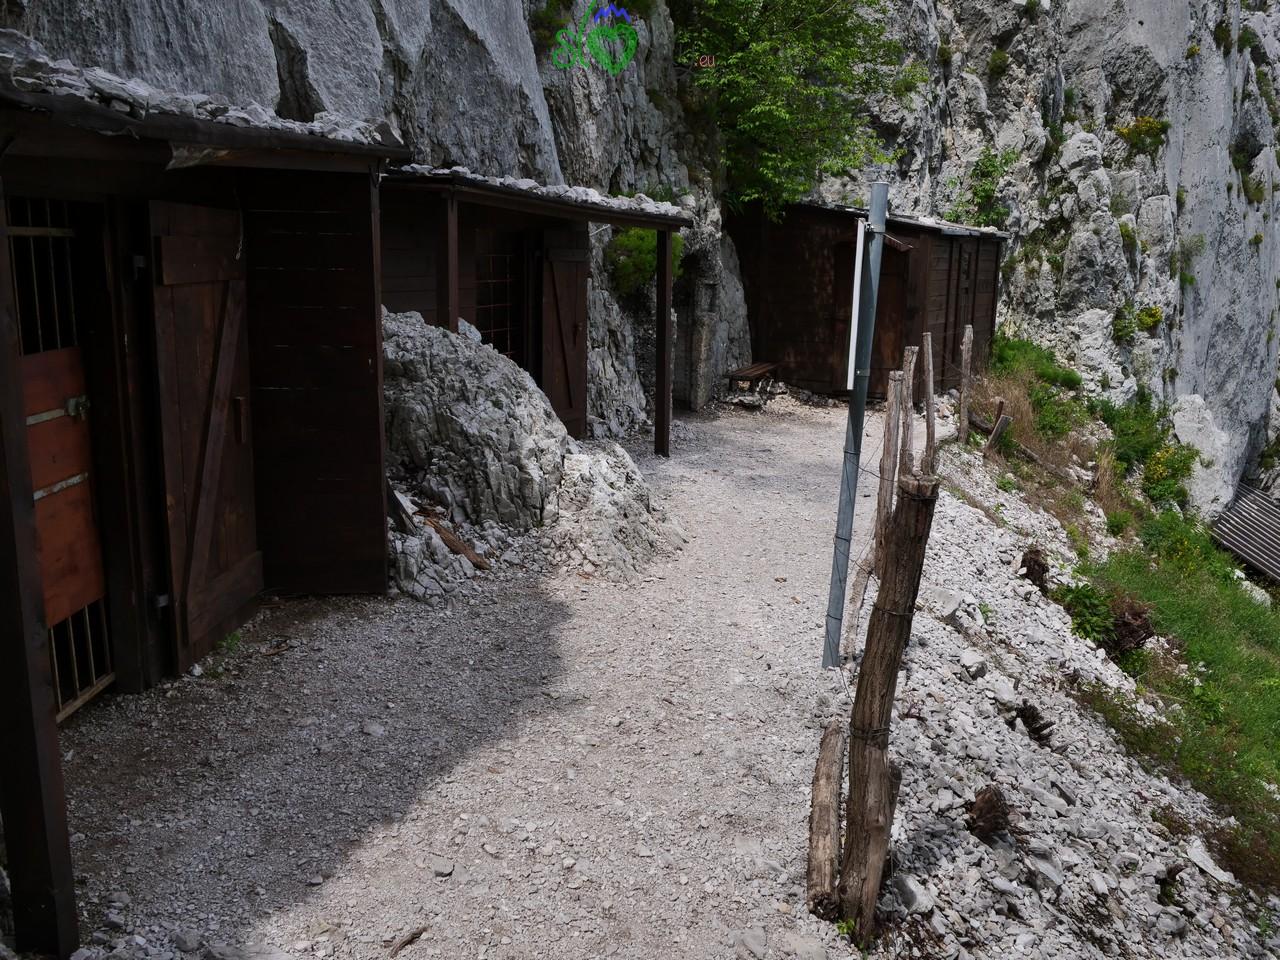 Baracche austriache sul versante nord del Sabotino.